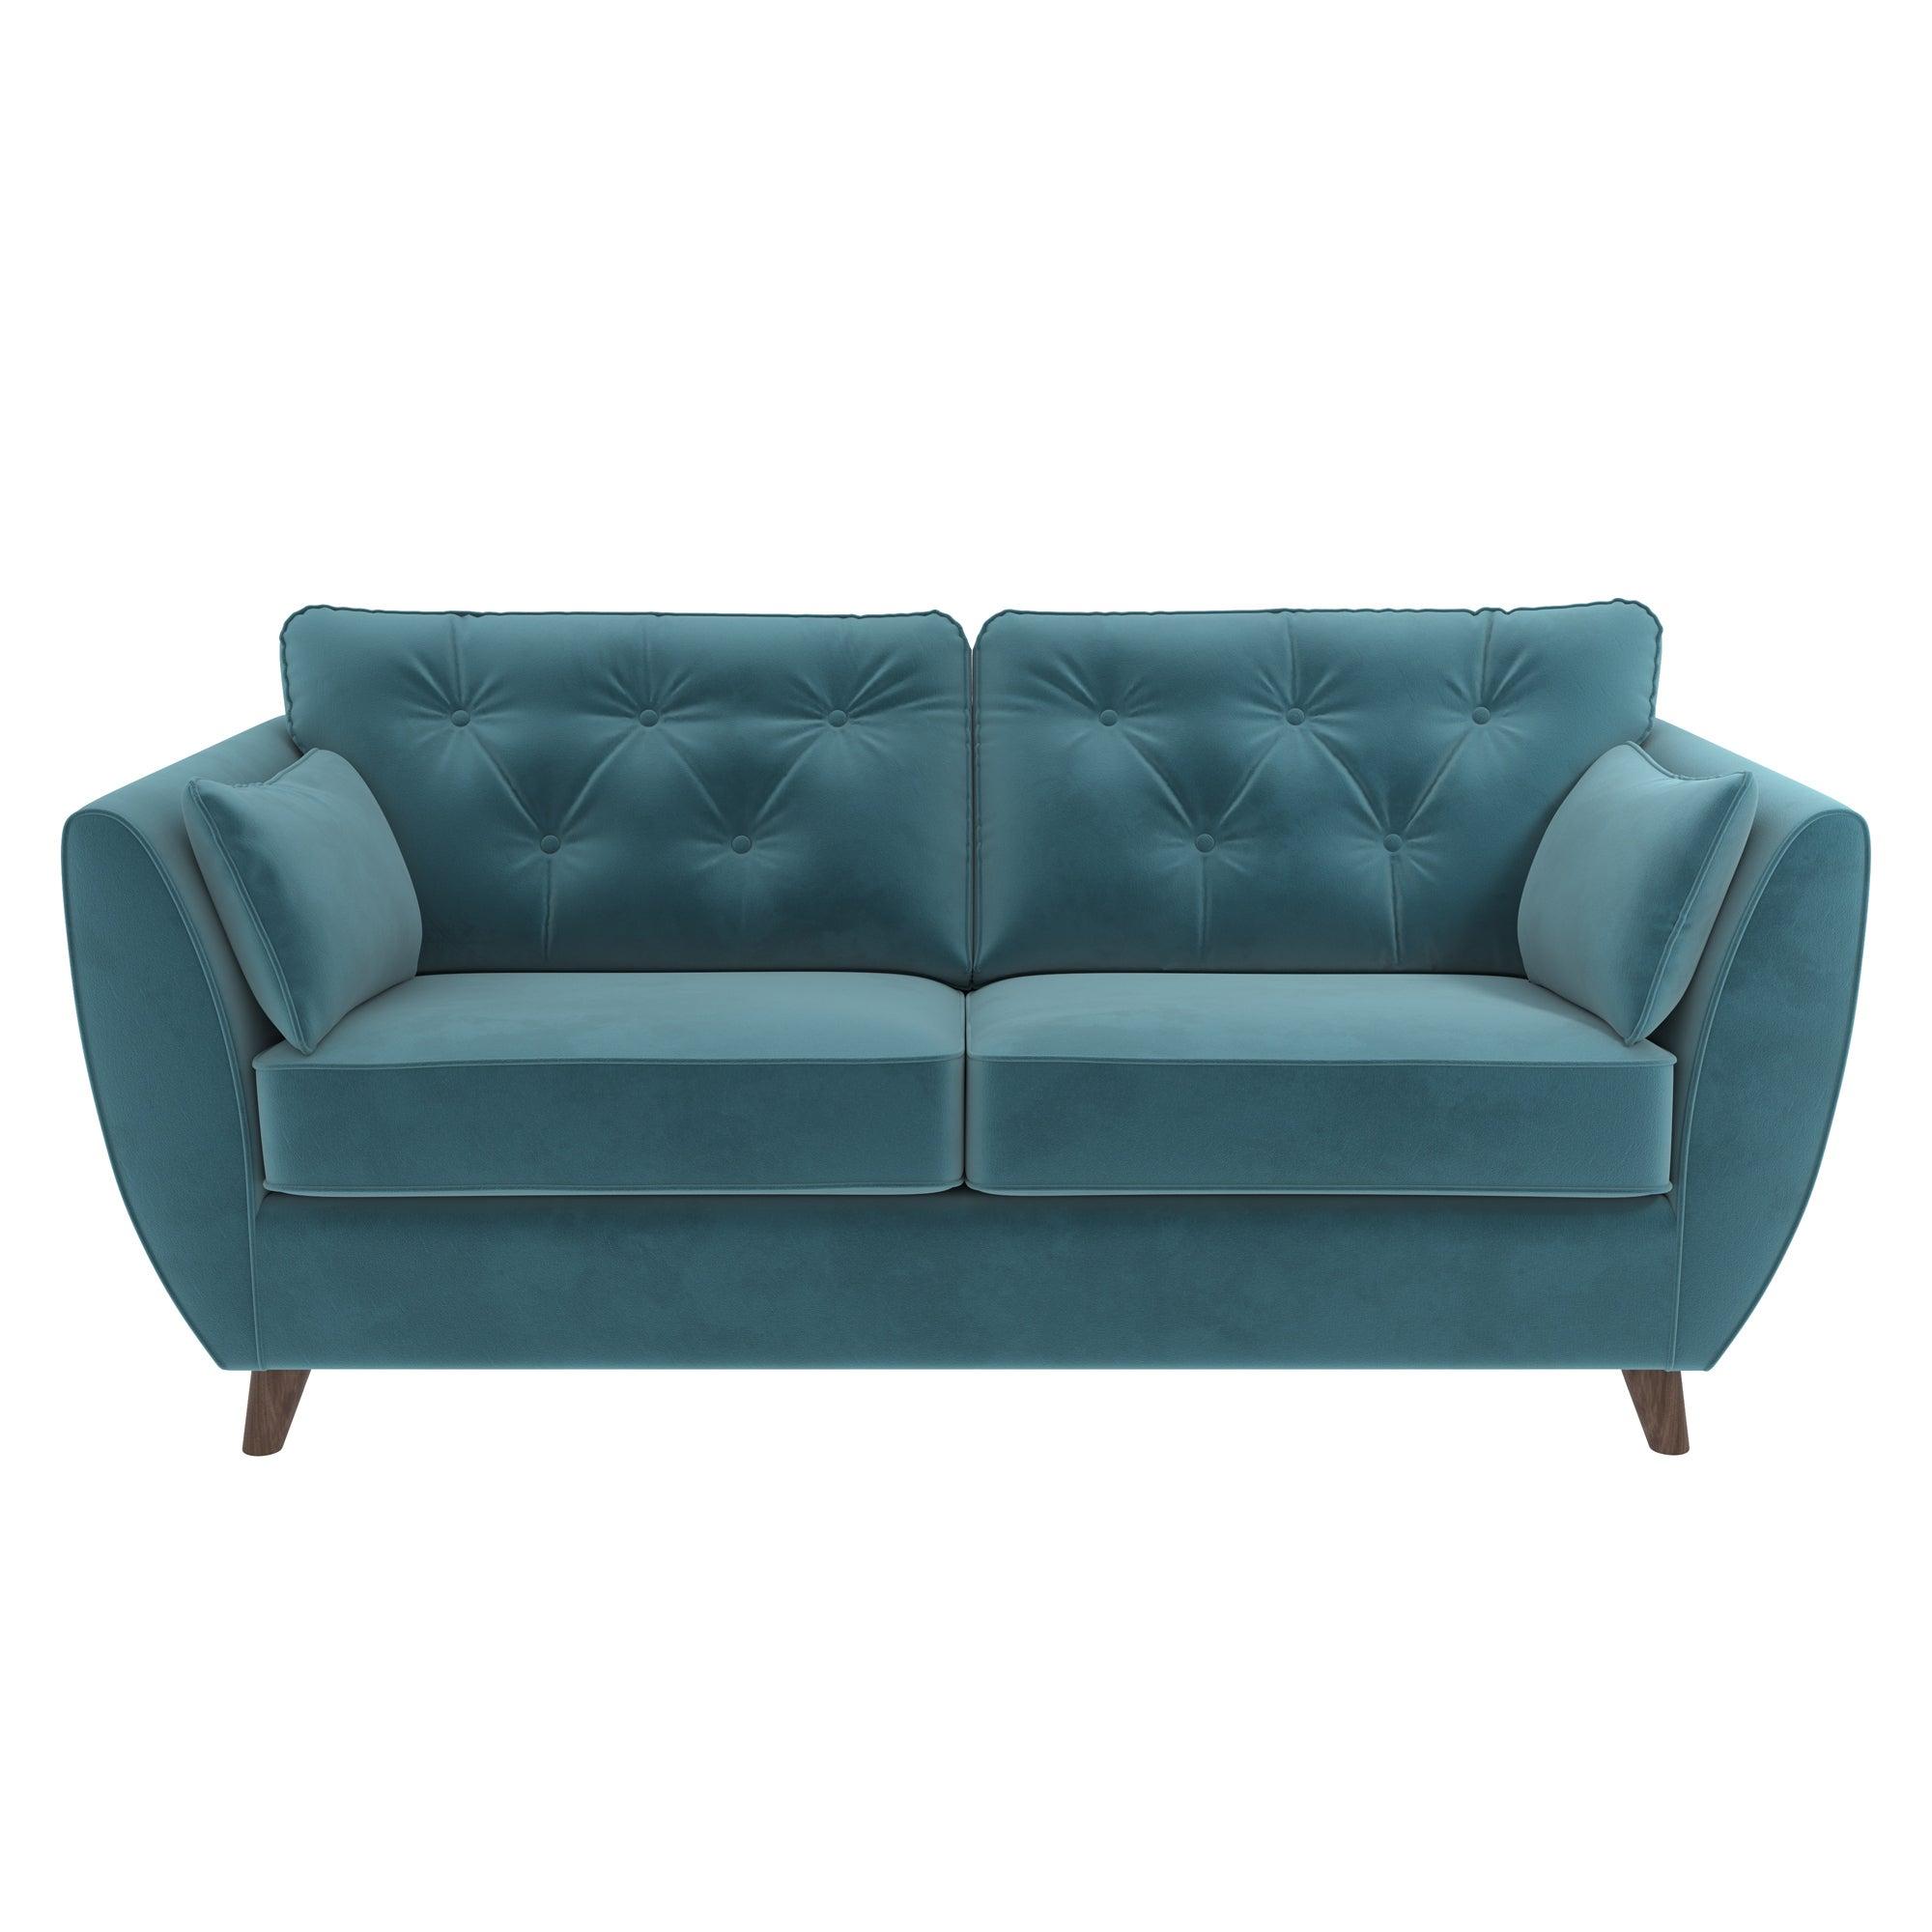 Dalston Velvet 3 Seater Sofa Teal (Blue)